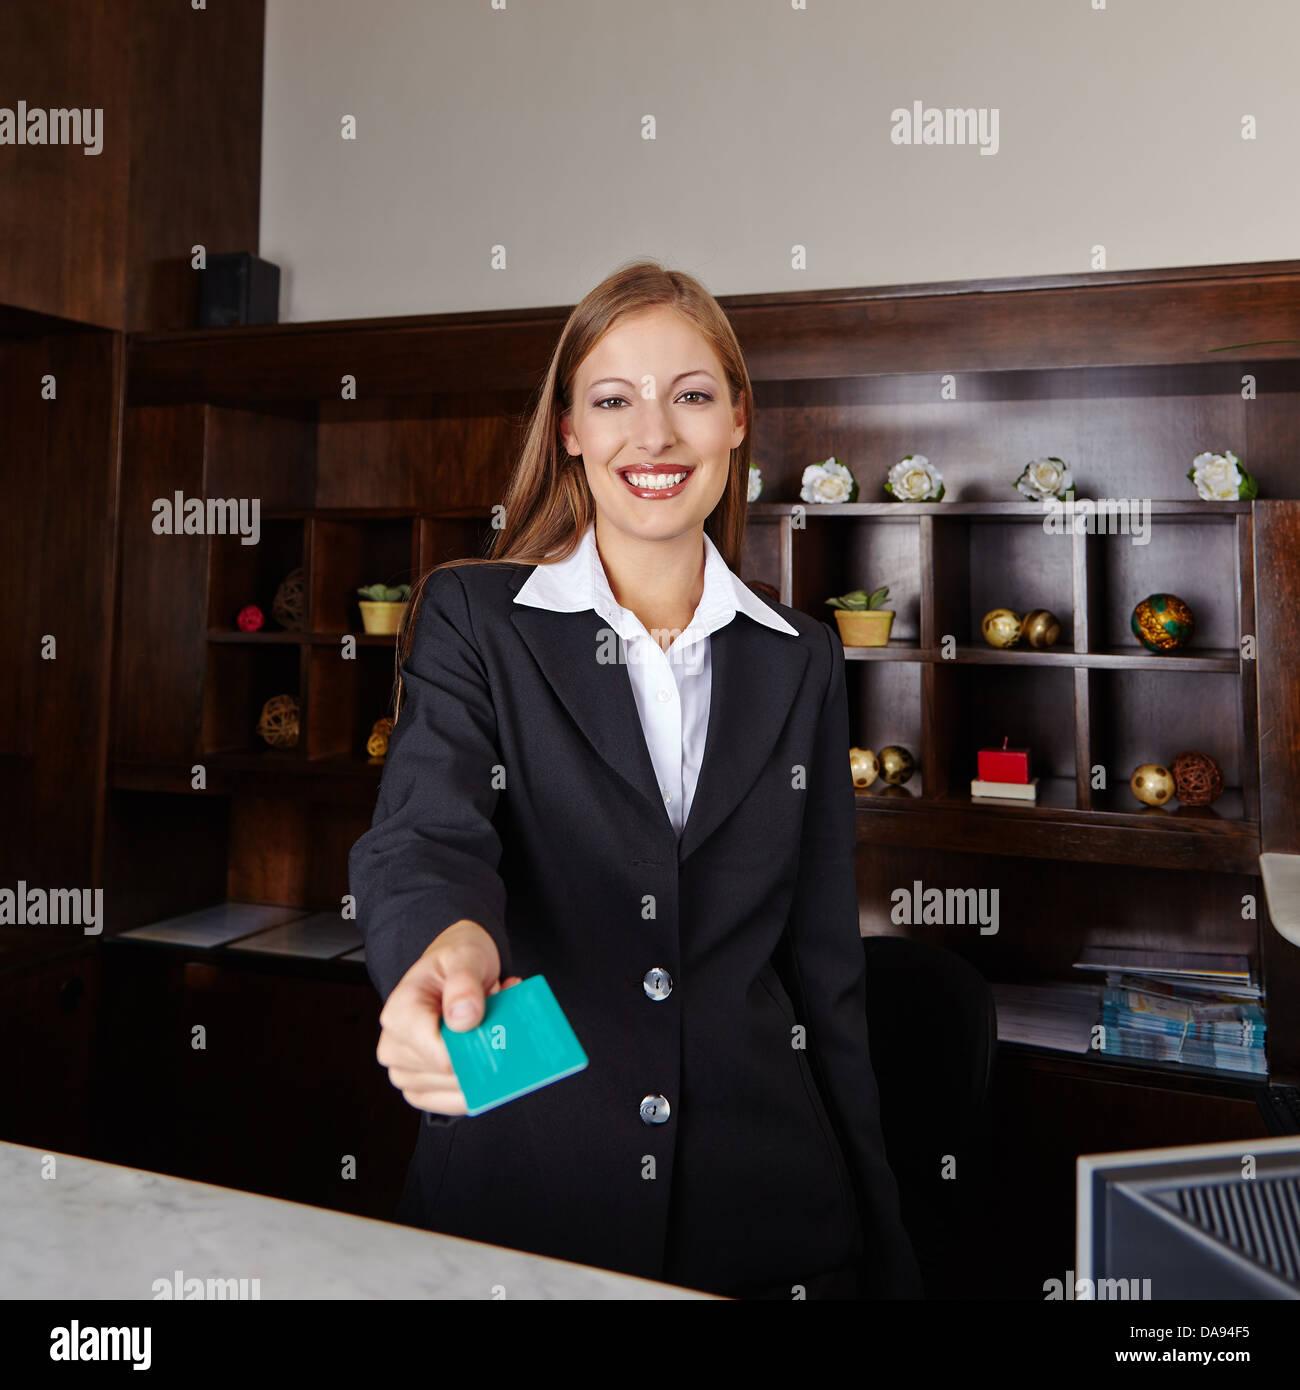 Fein Hotel Rezeptionist Ziel Wieder Aufzunehmen Bilder - Entry Level ...